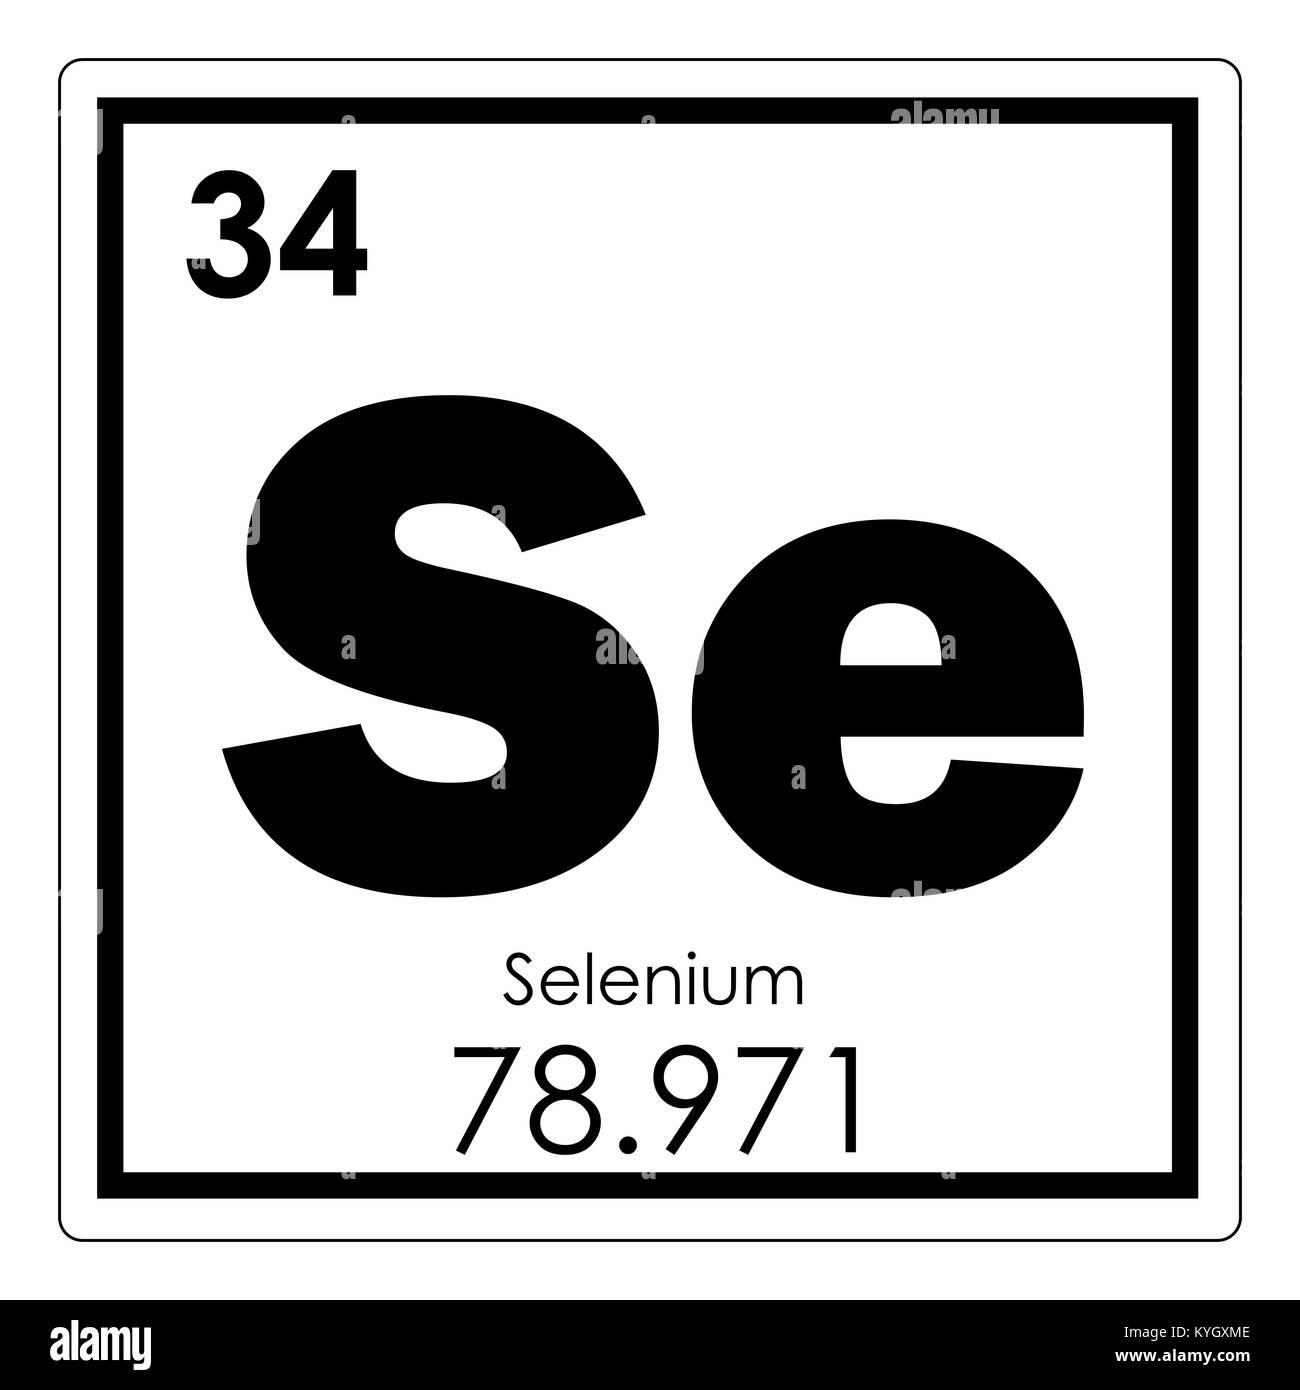 Selenium chemical element periodic table science symbol stock selenium chemical element periodic table science symbol buycottarizona